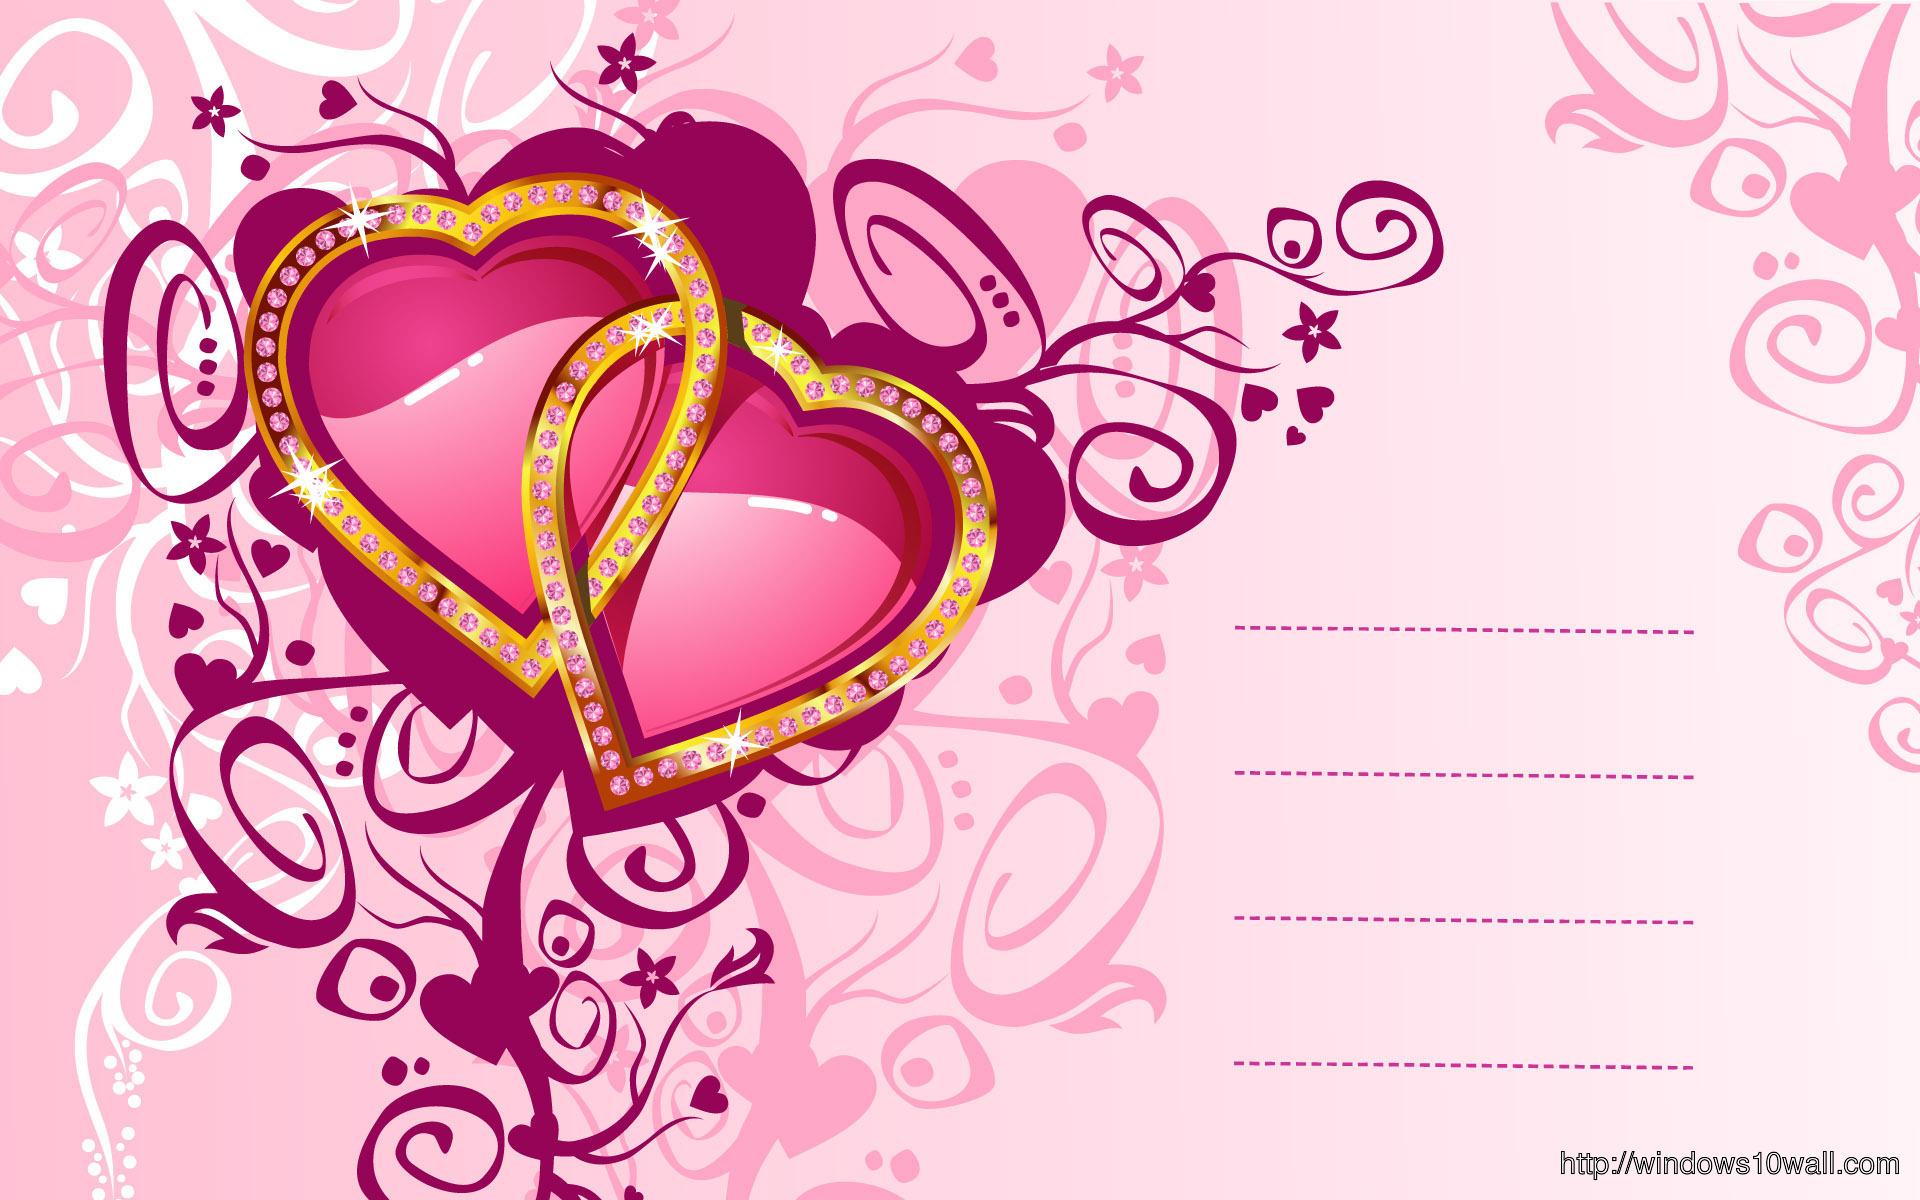 Love Wallpaper Hd Full Size , HD Wallpaper & Backgrounds